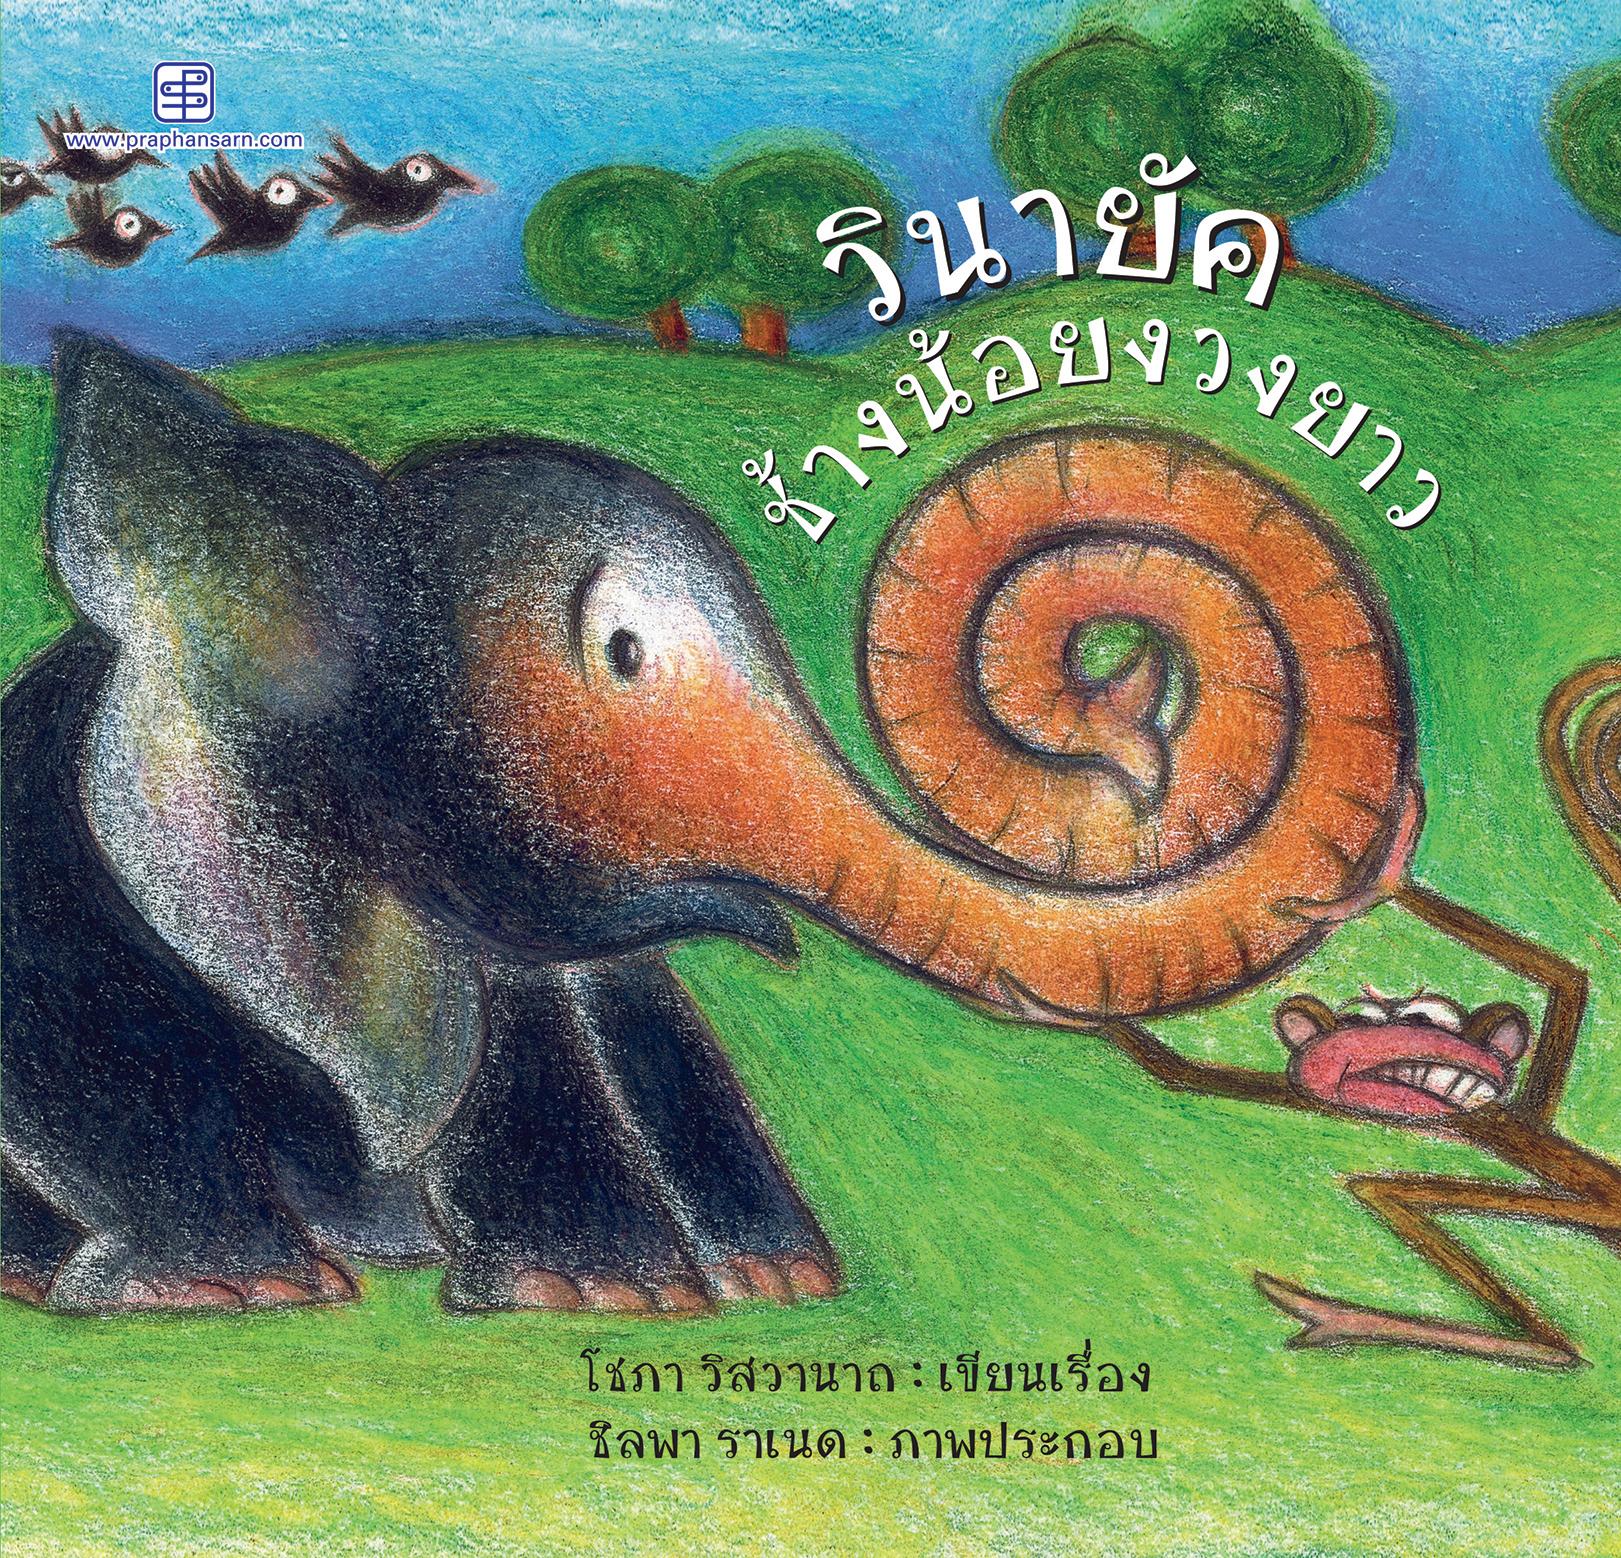 วินายัค ช้างน้อยงวงยาว